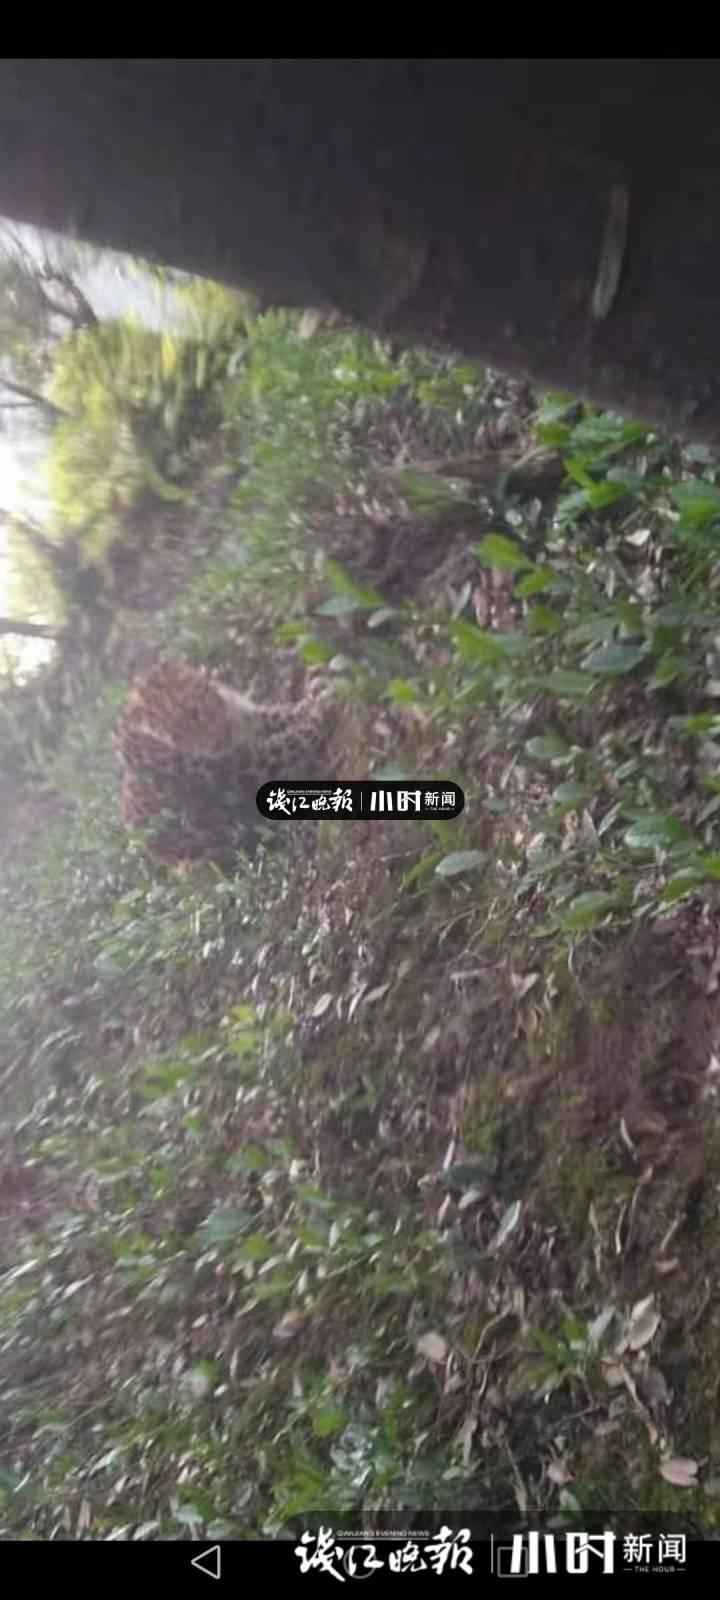 杭州金源山庄小区四周发明疑似豹子